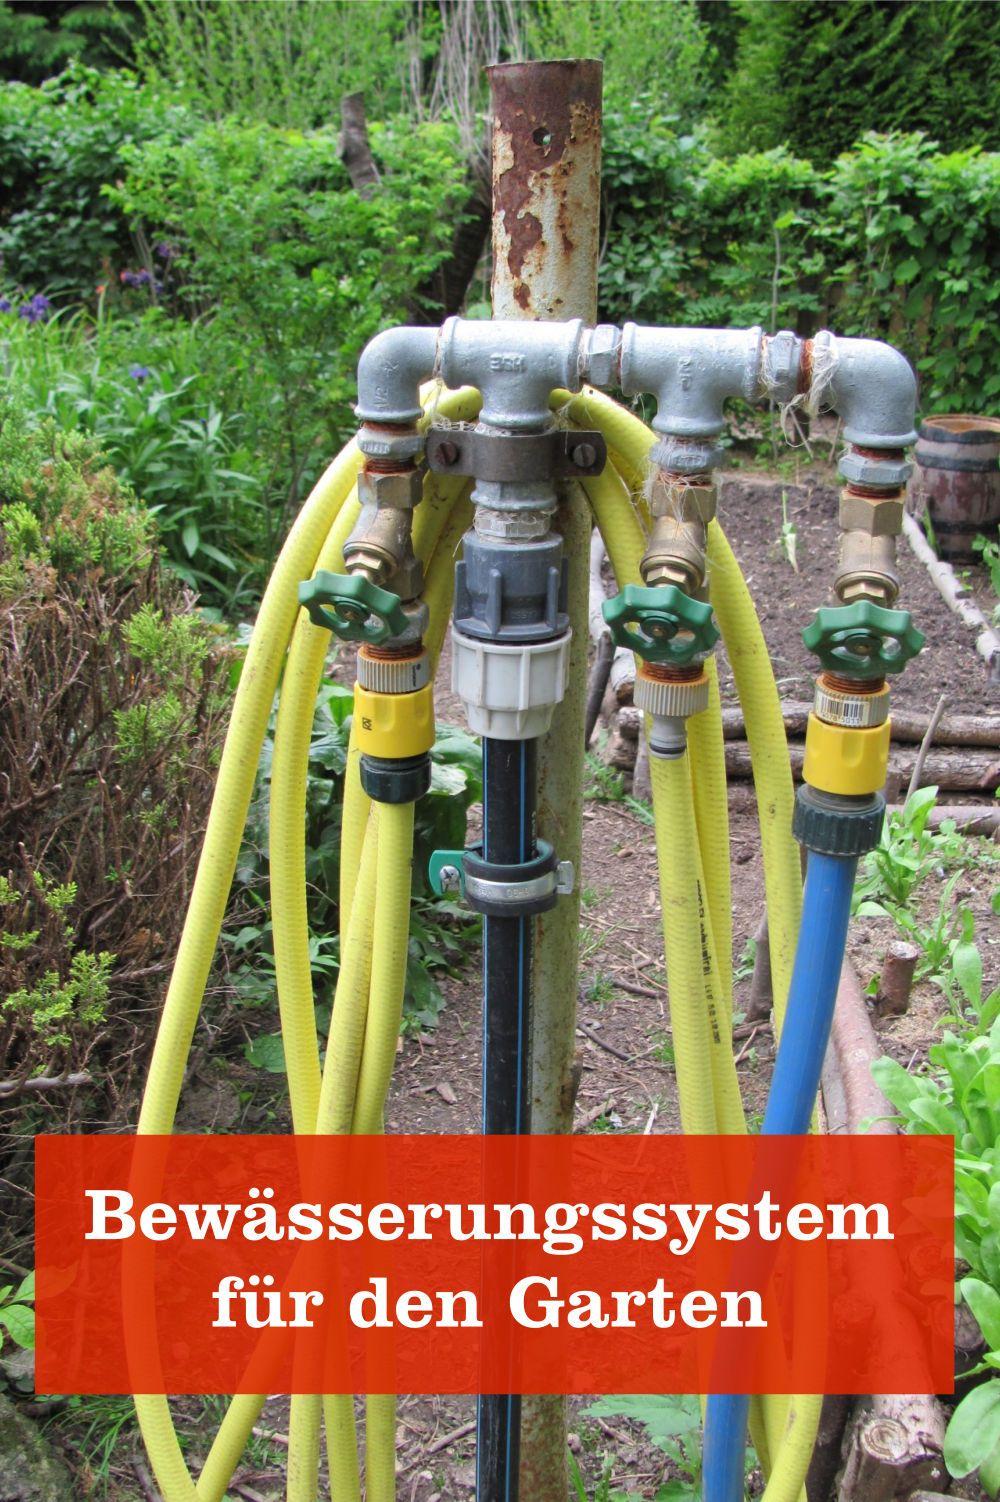 Intelligente Bewasserungssysteme Fur Den Garten Gartenbob De Der Garten Ratgeber Bewasserung Garten Garten Bewasserungssystem Wasserleitung Garten